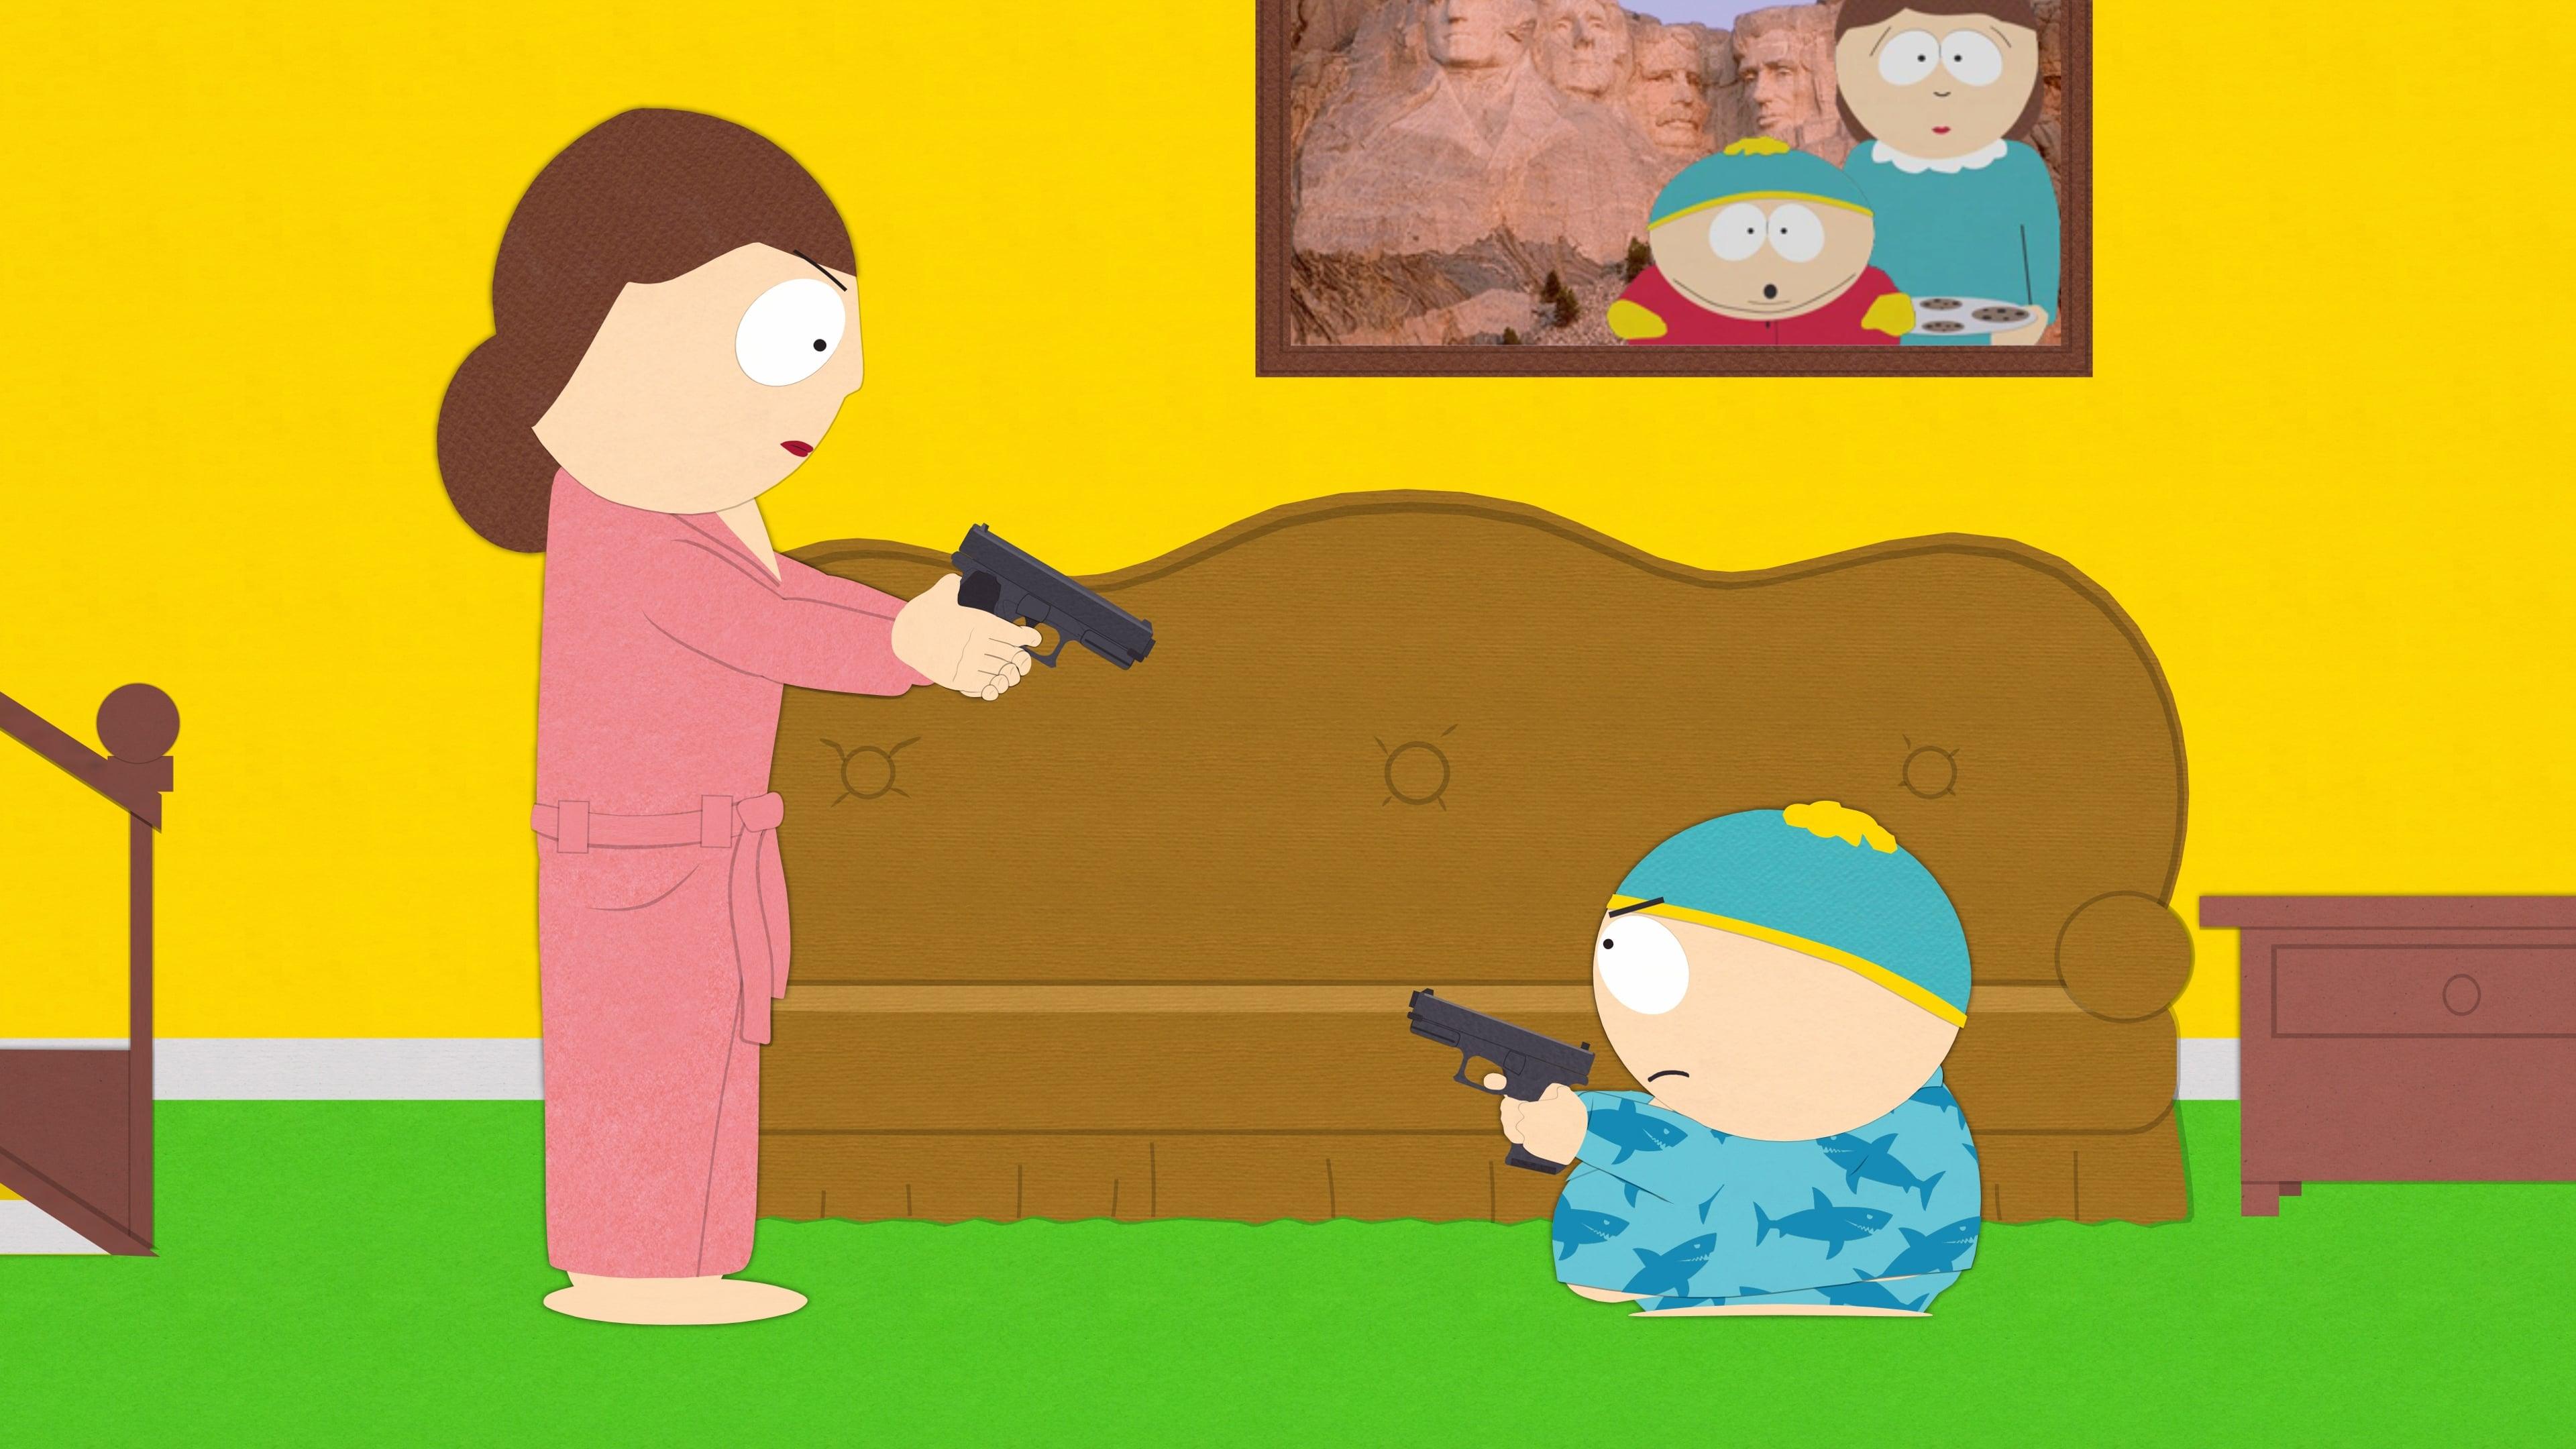 South Park: Temporada 19, Capitulo 10